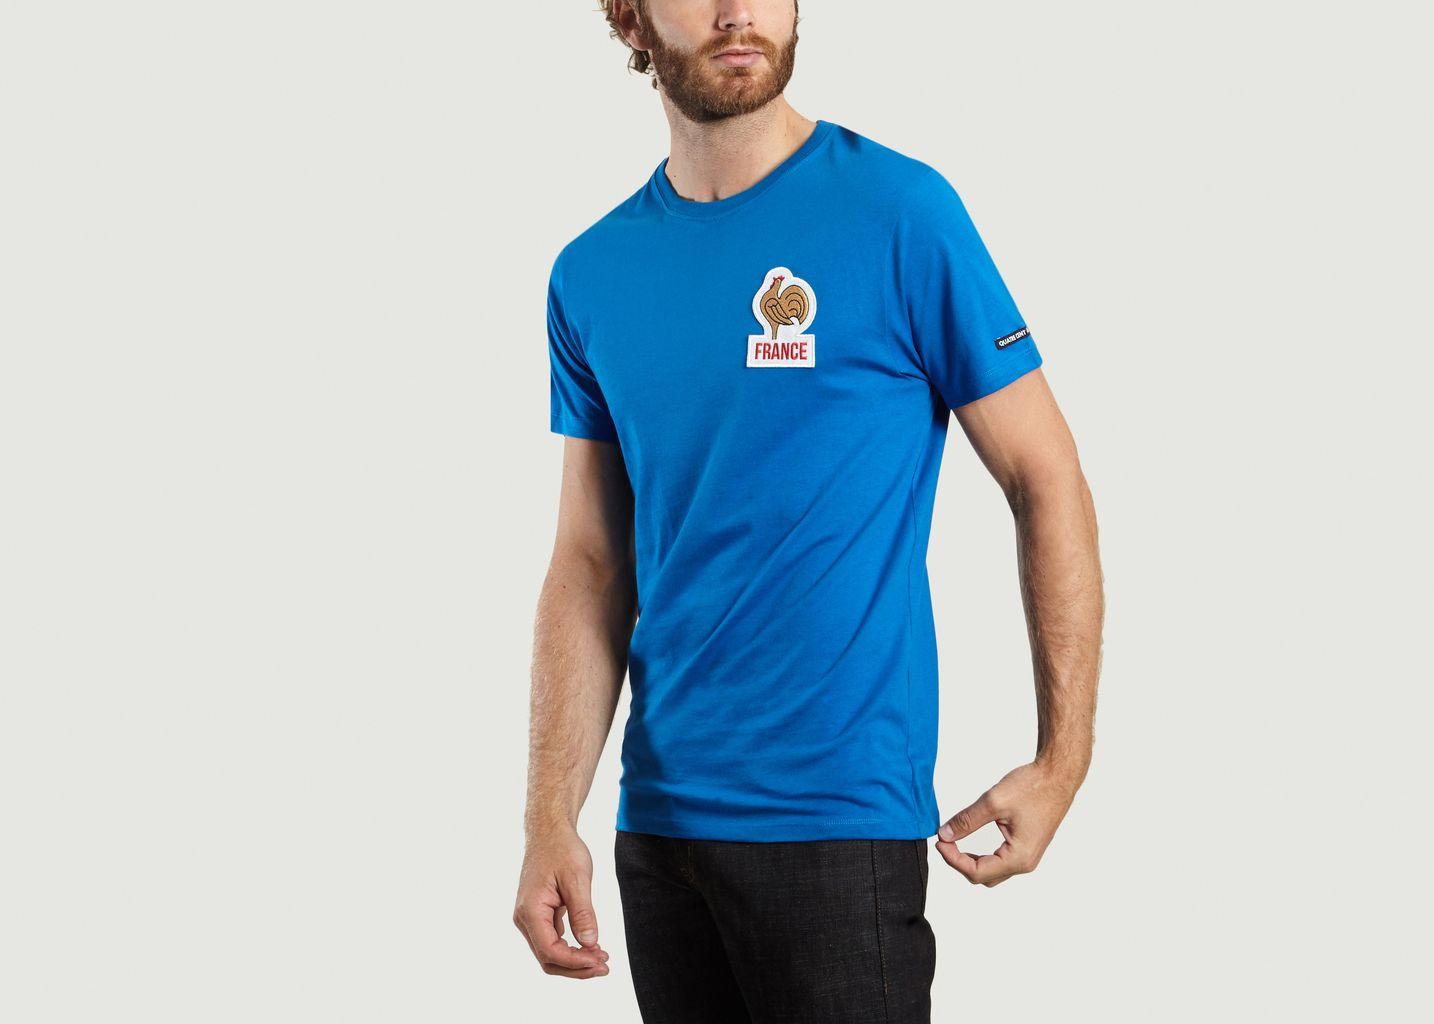 T-Shirt Authentique France - Quatre Cent Quinze